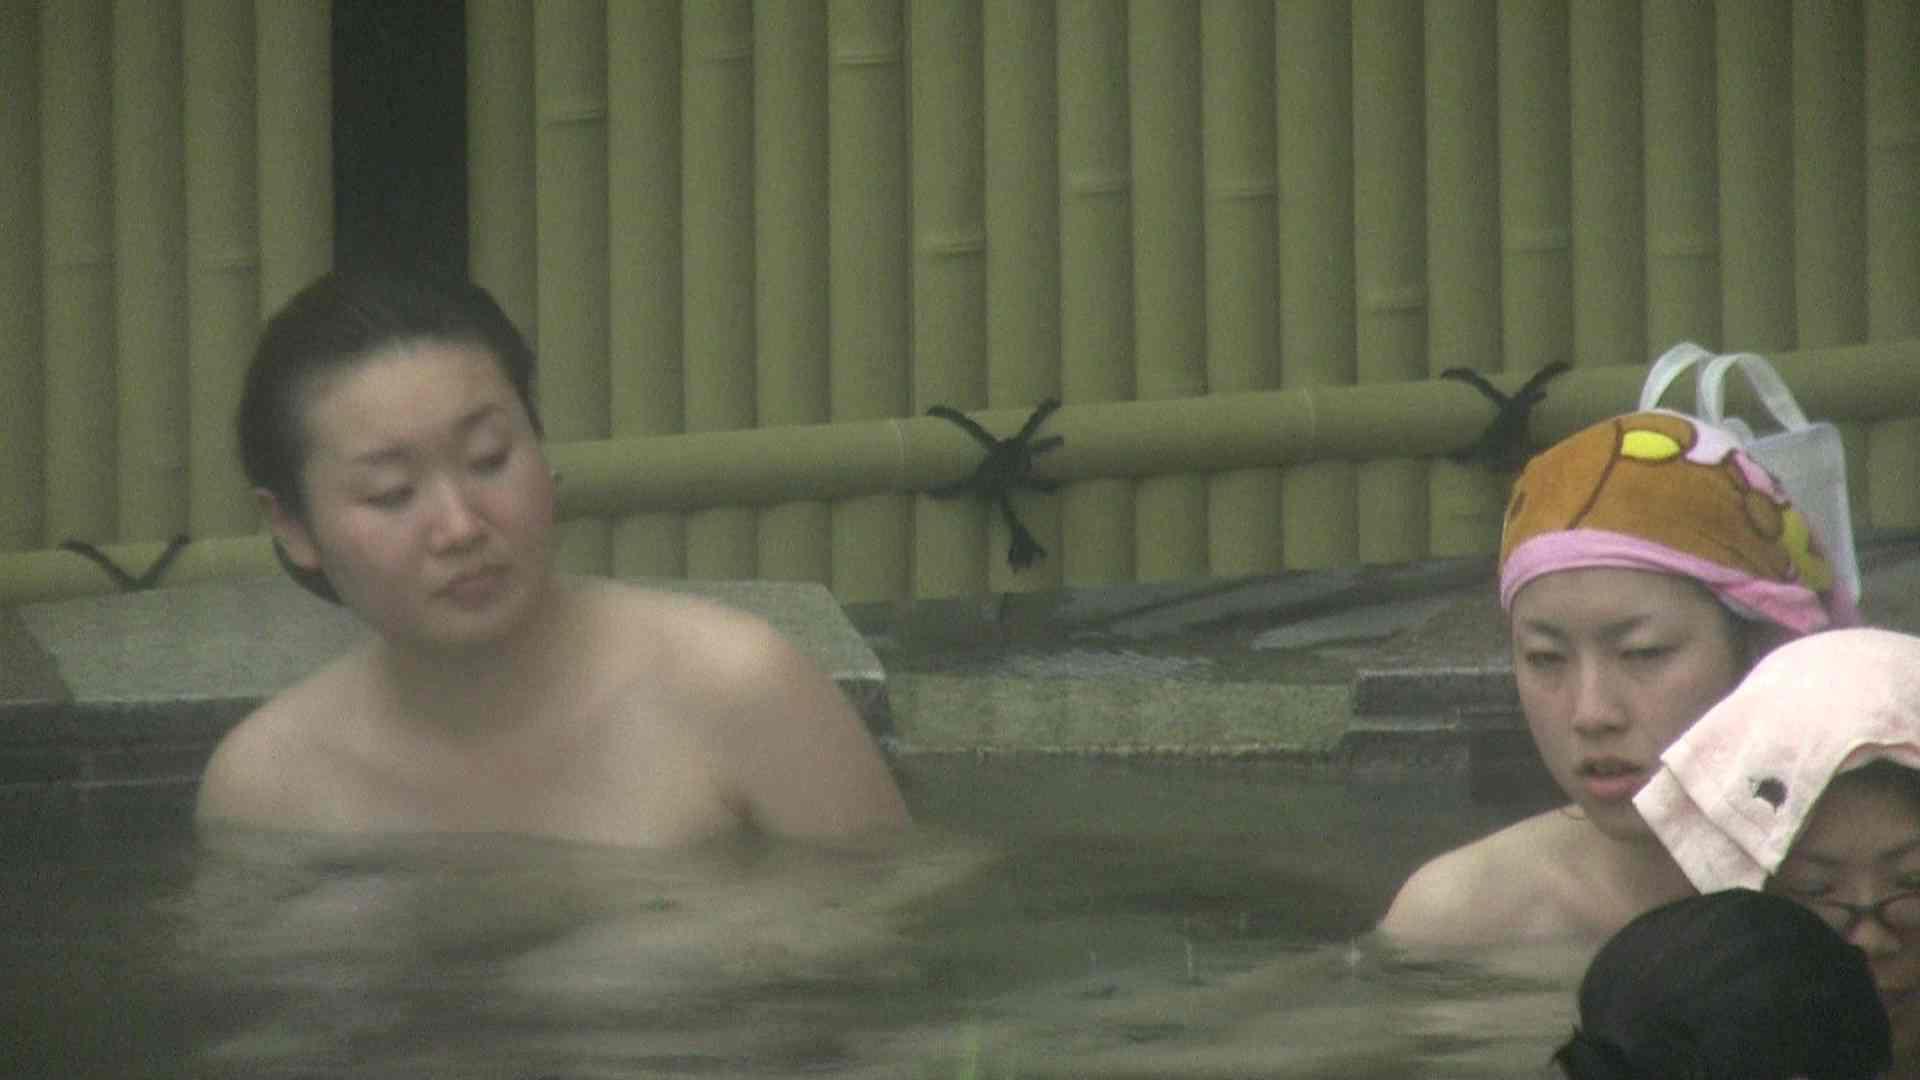 Aquaな露天風呂Vol.171 露天  108PICs 63